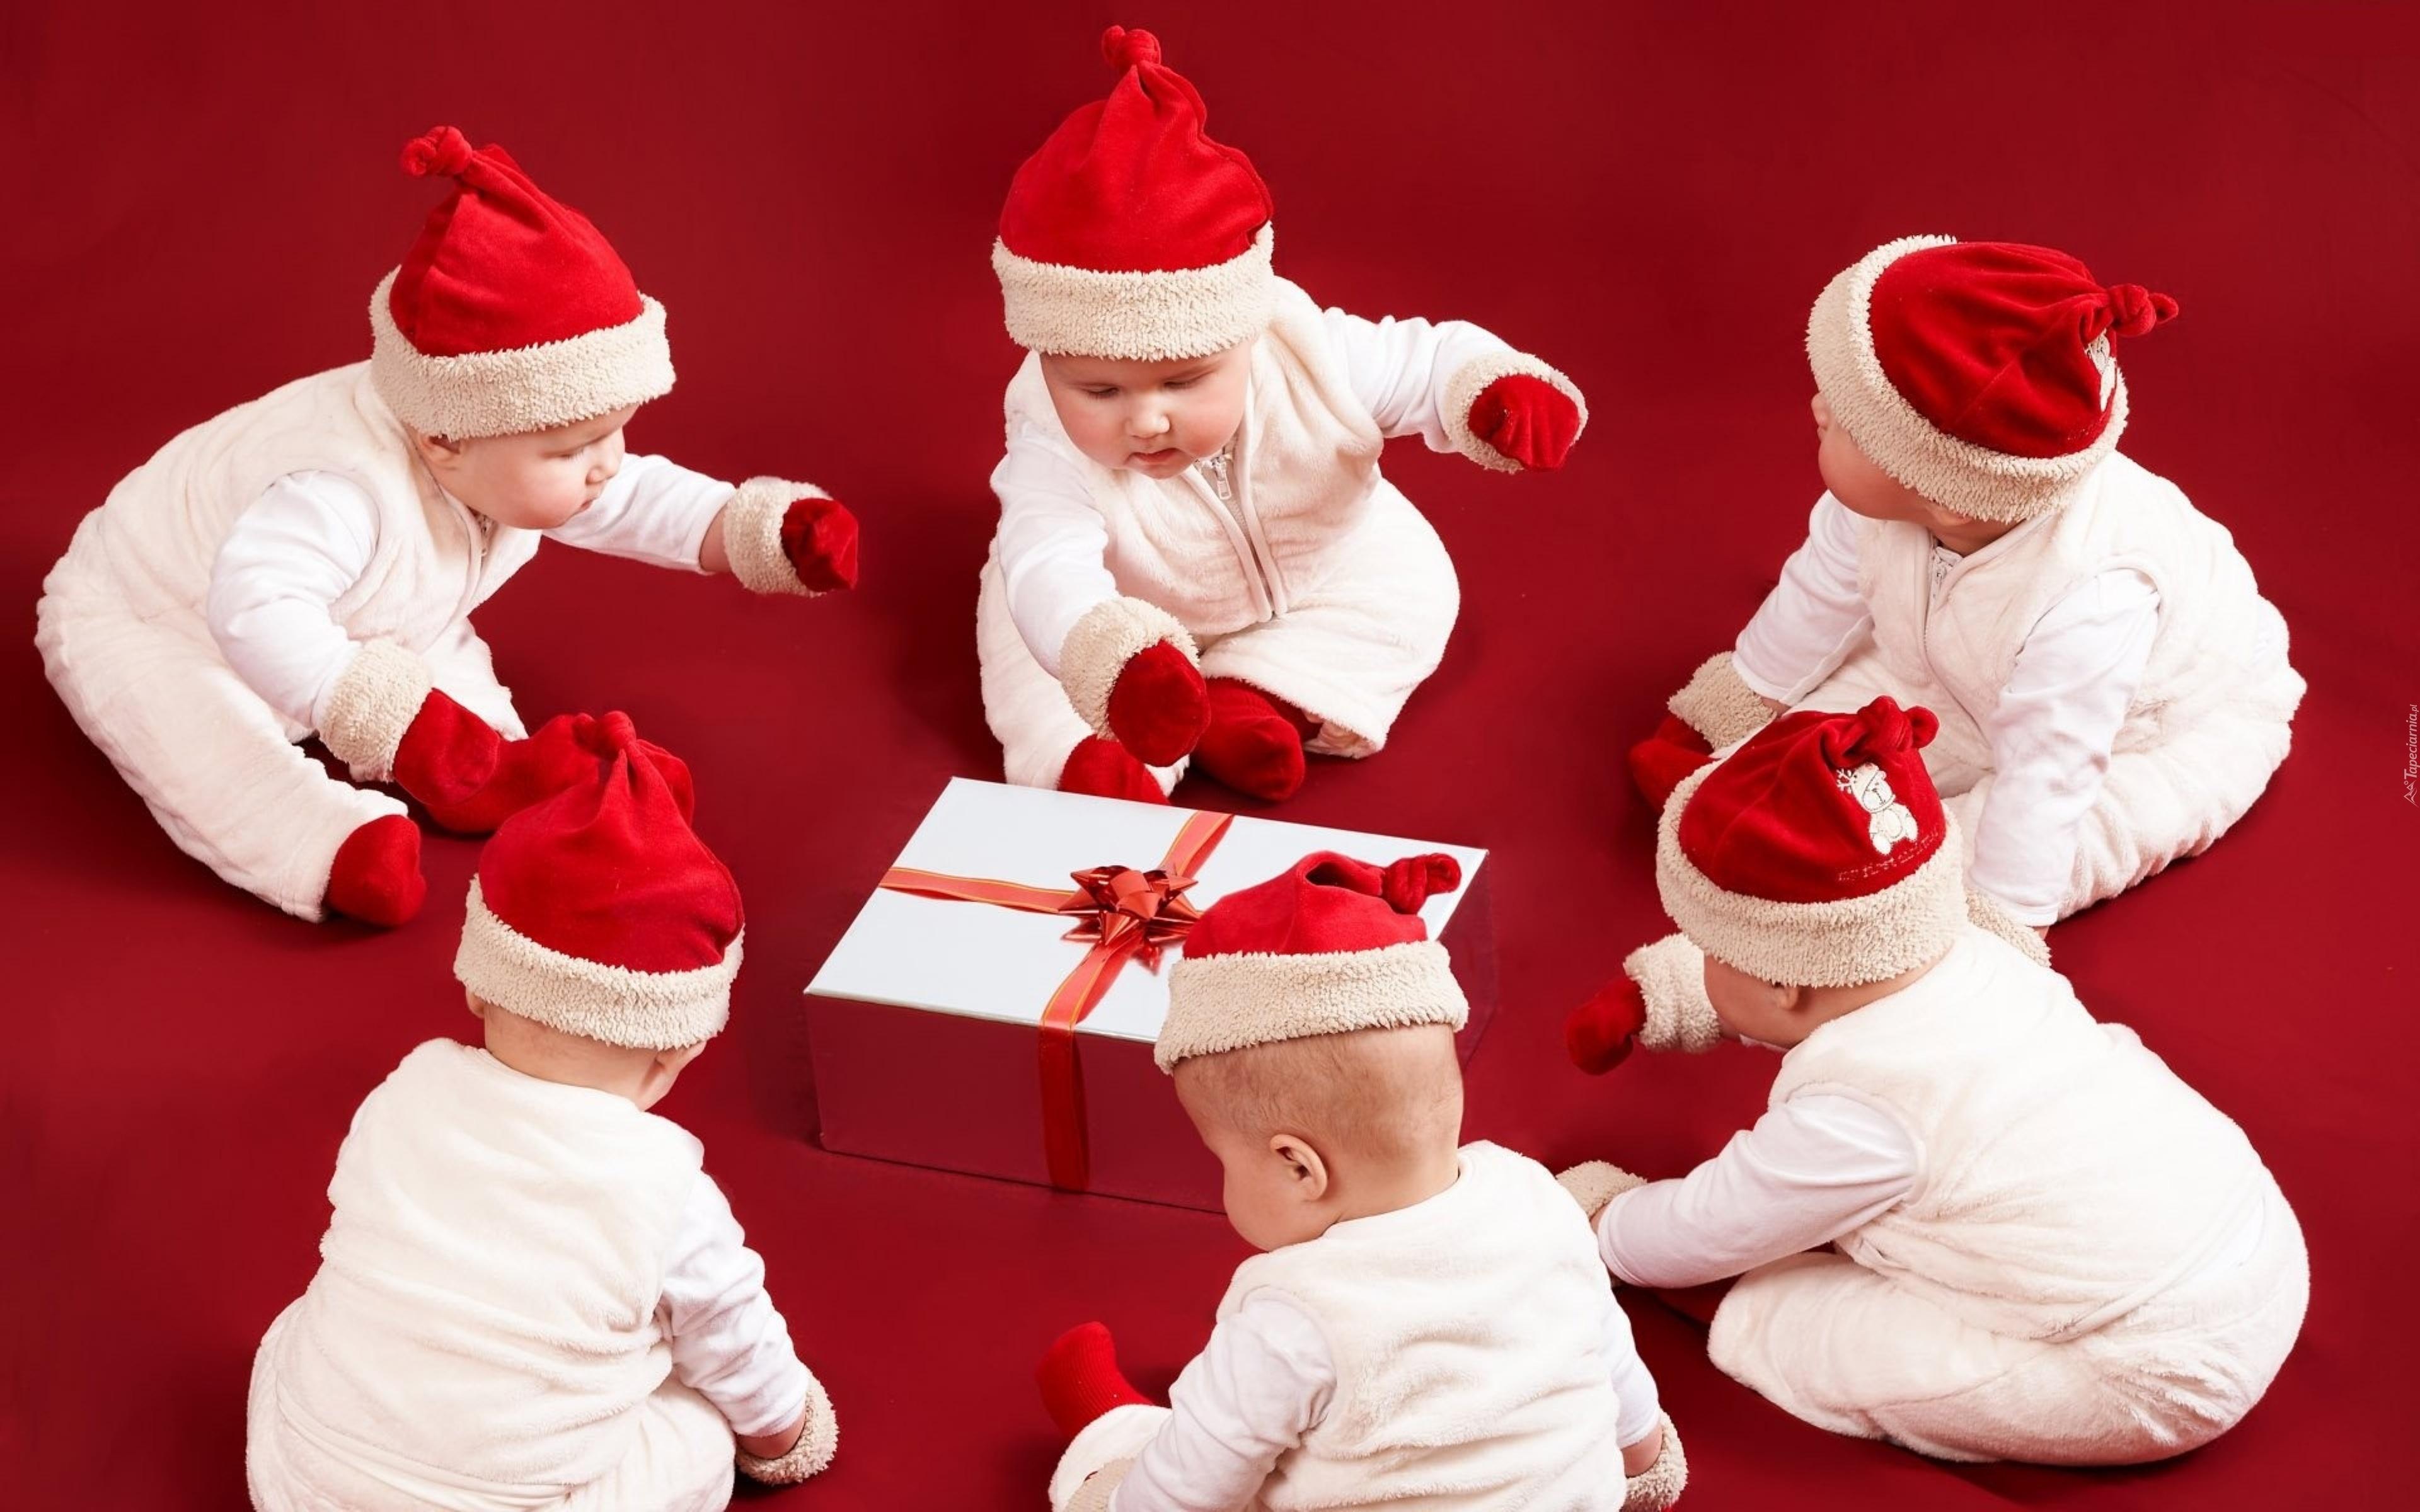 Прикольные картинки новогодние подарки, картинки